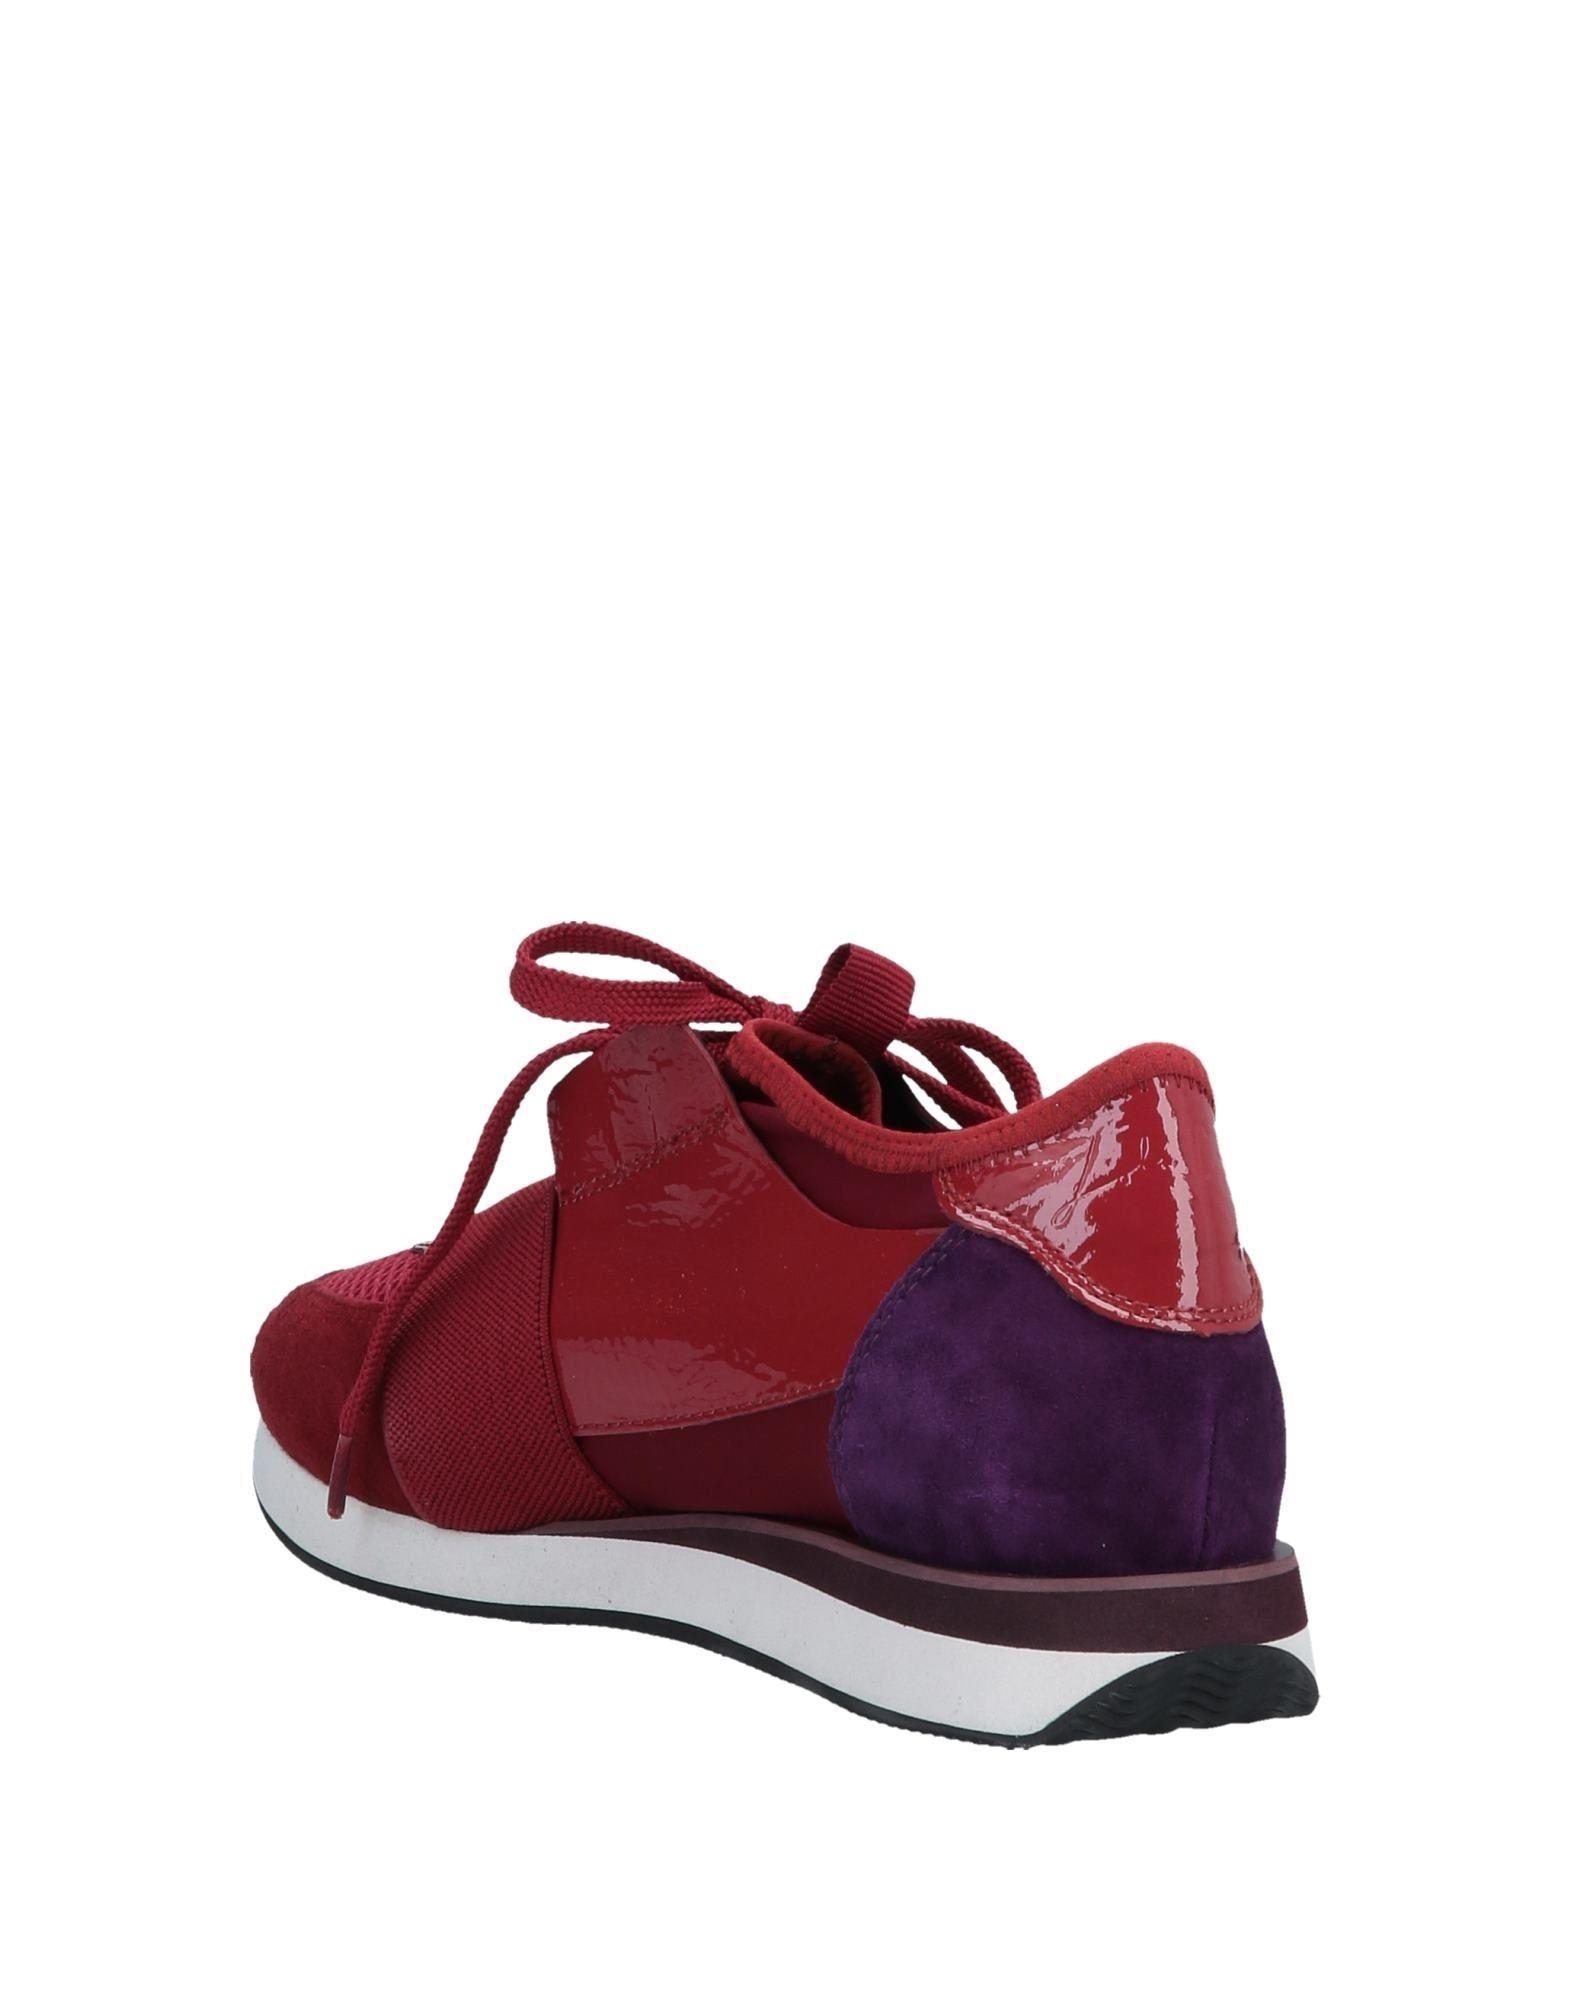 Sneakers & Deportivas Lola Cruz de Cuero de color Rojo